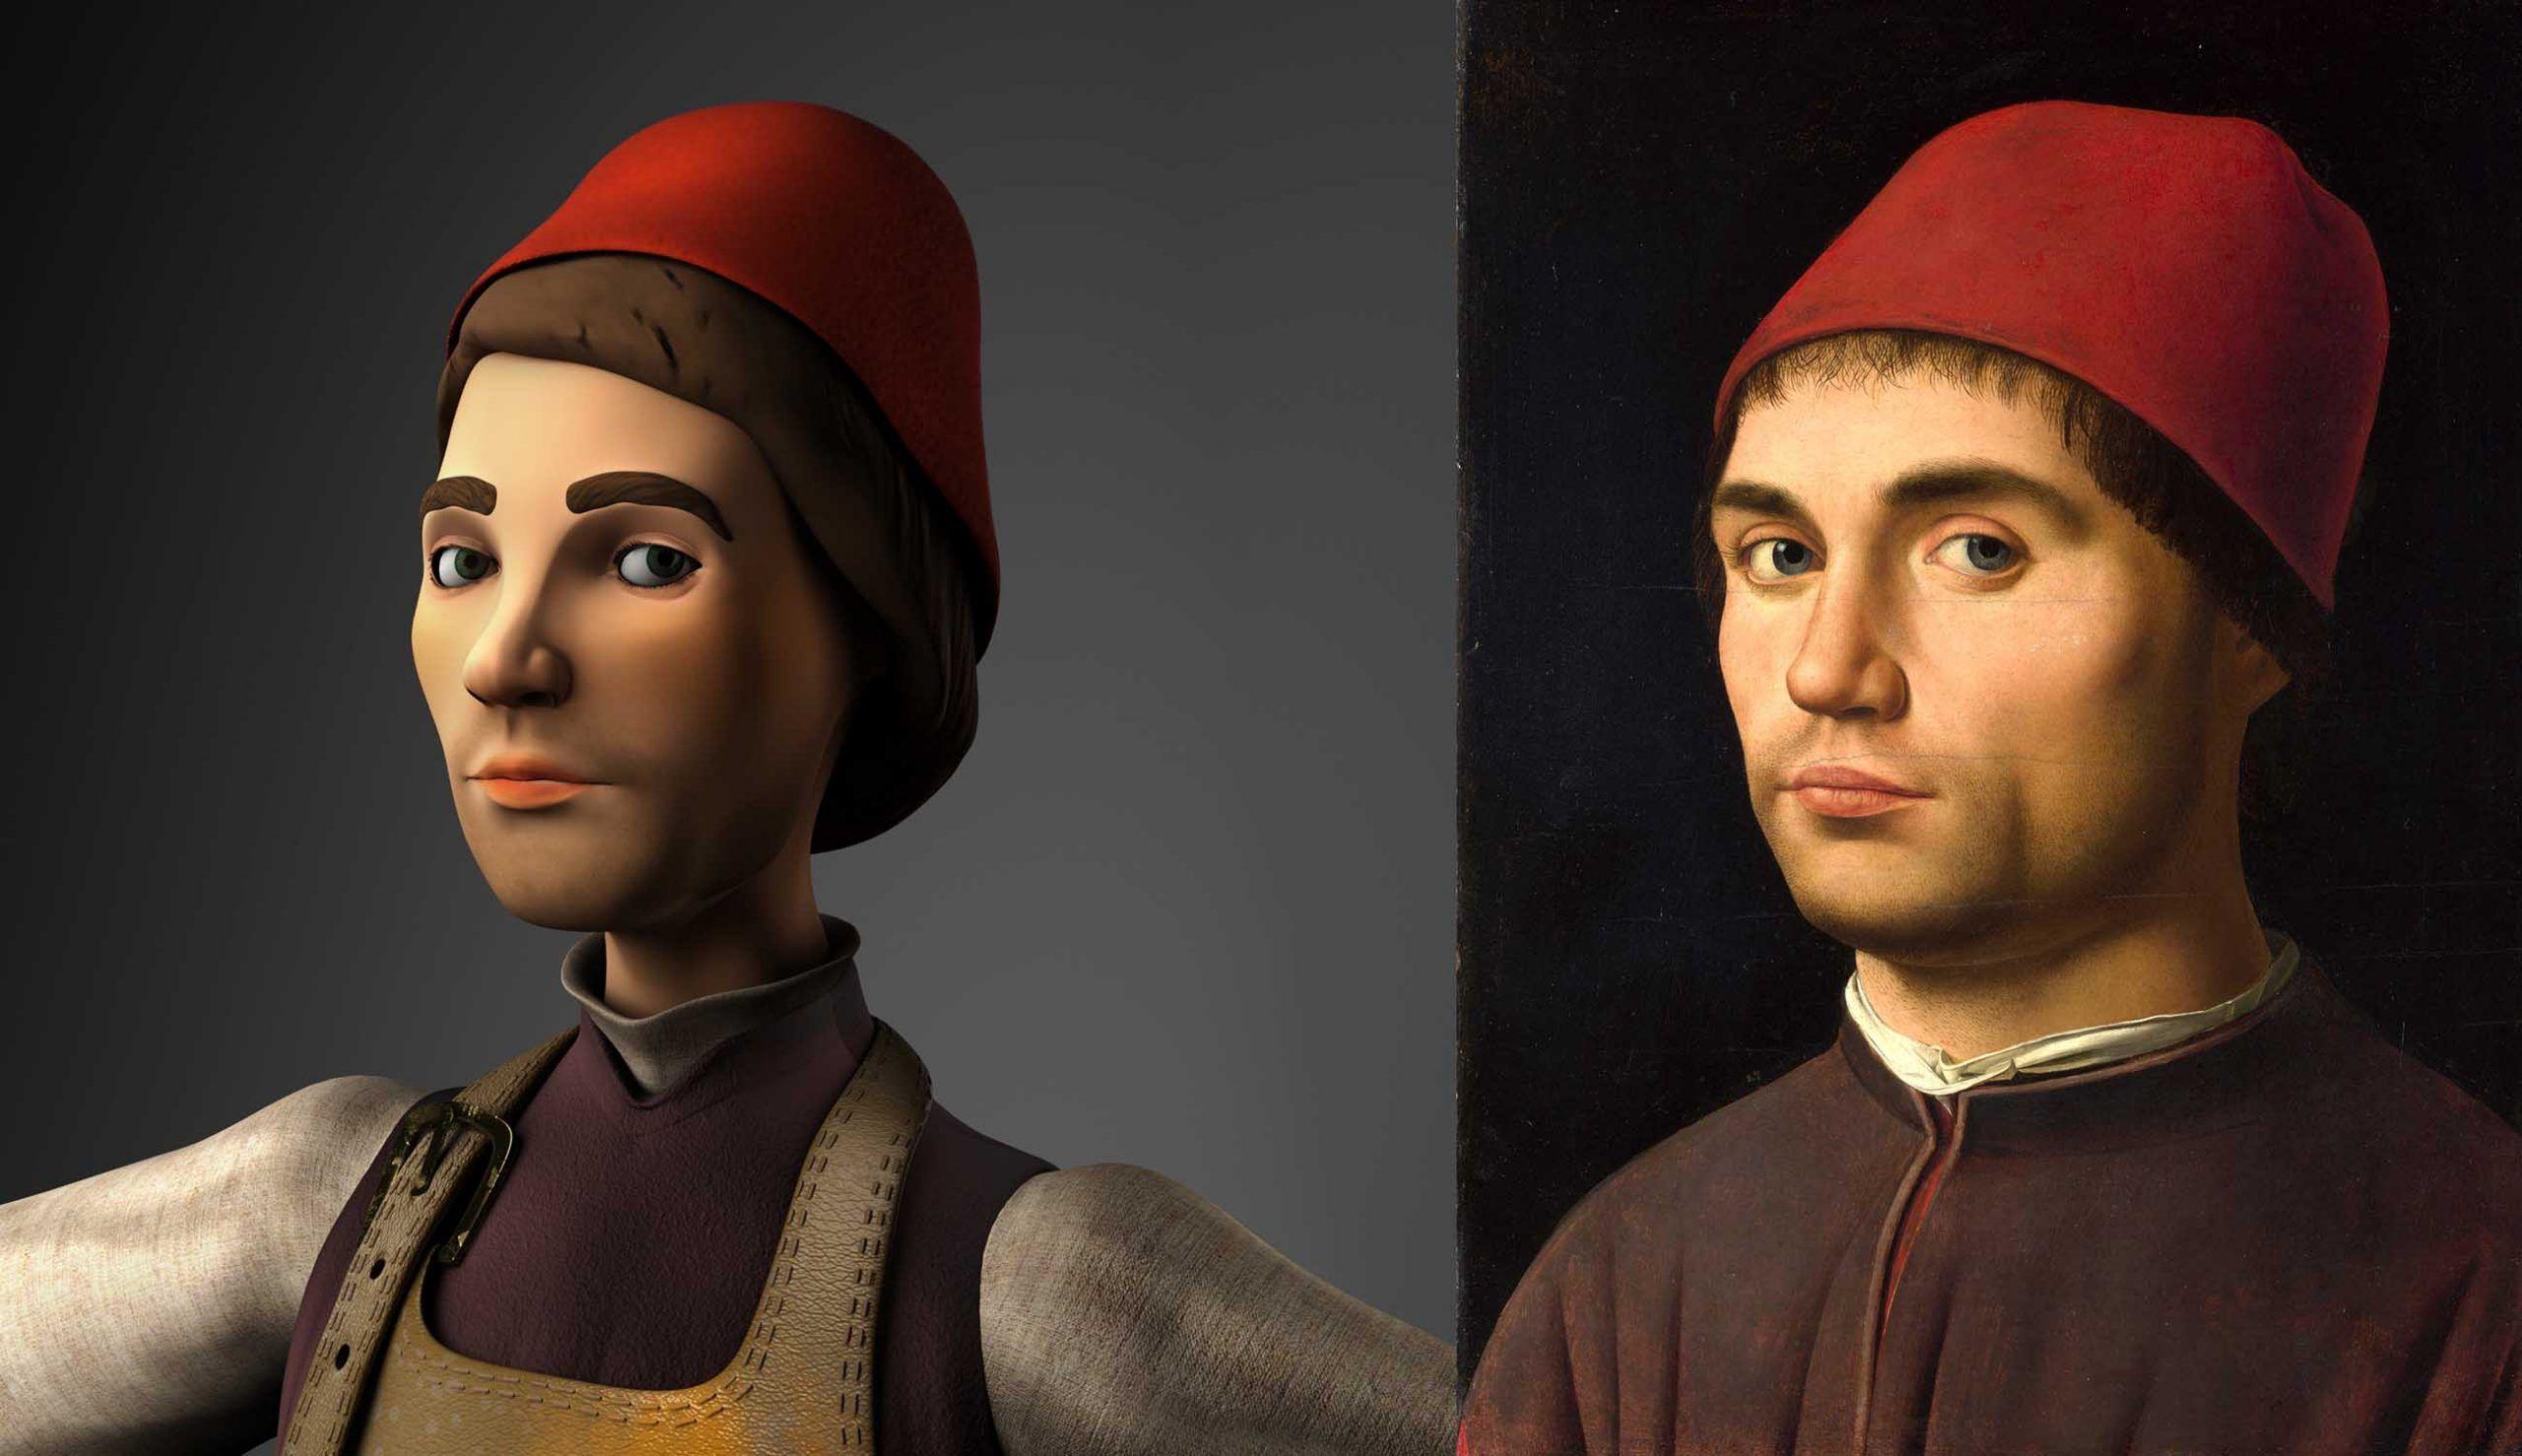 A spasso nel mondo dell'arte con l'avatar di Antonello da Messina